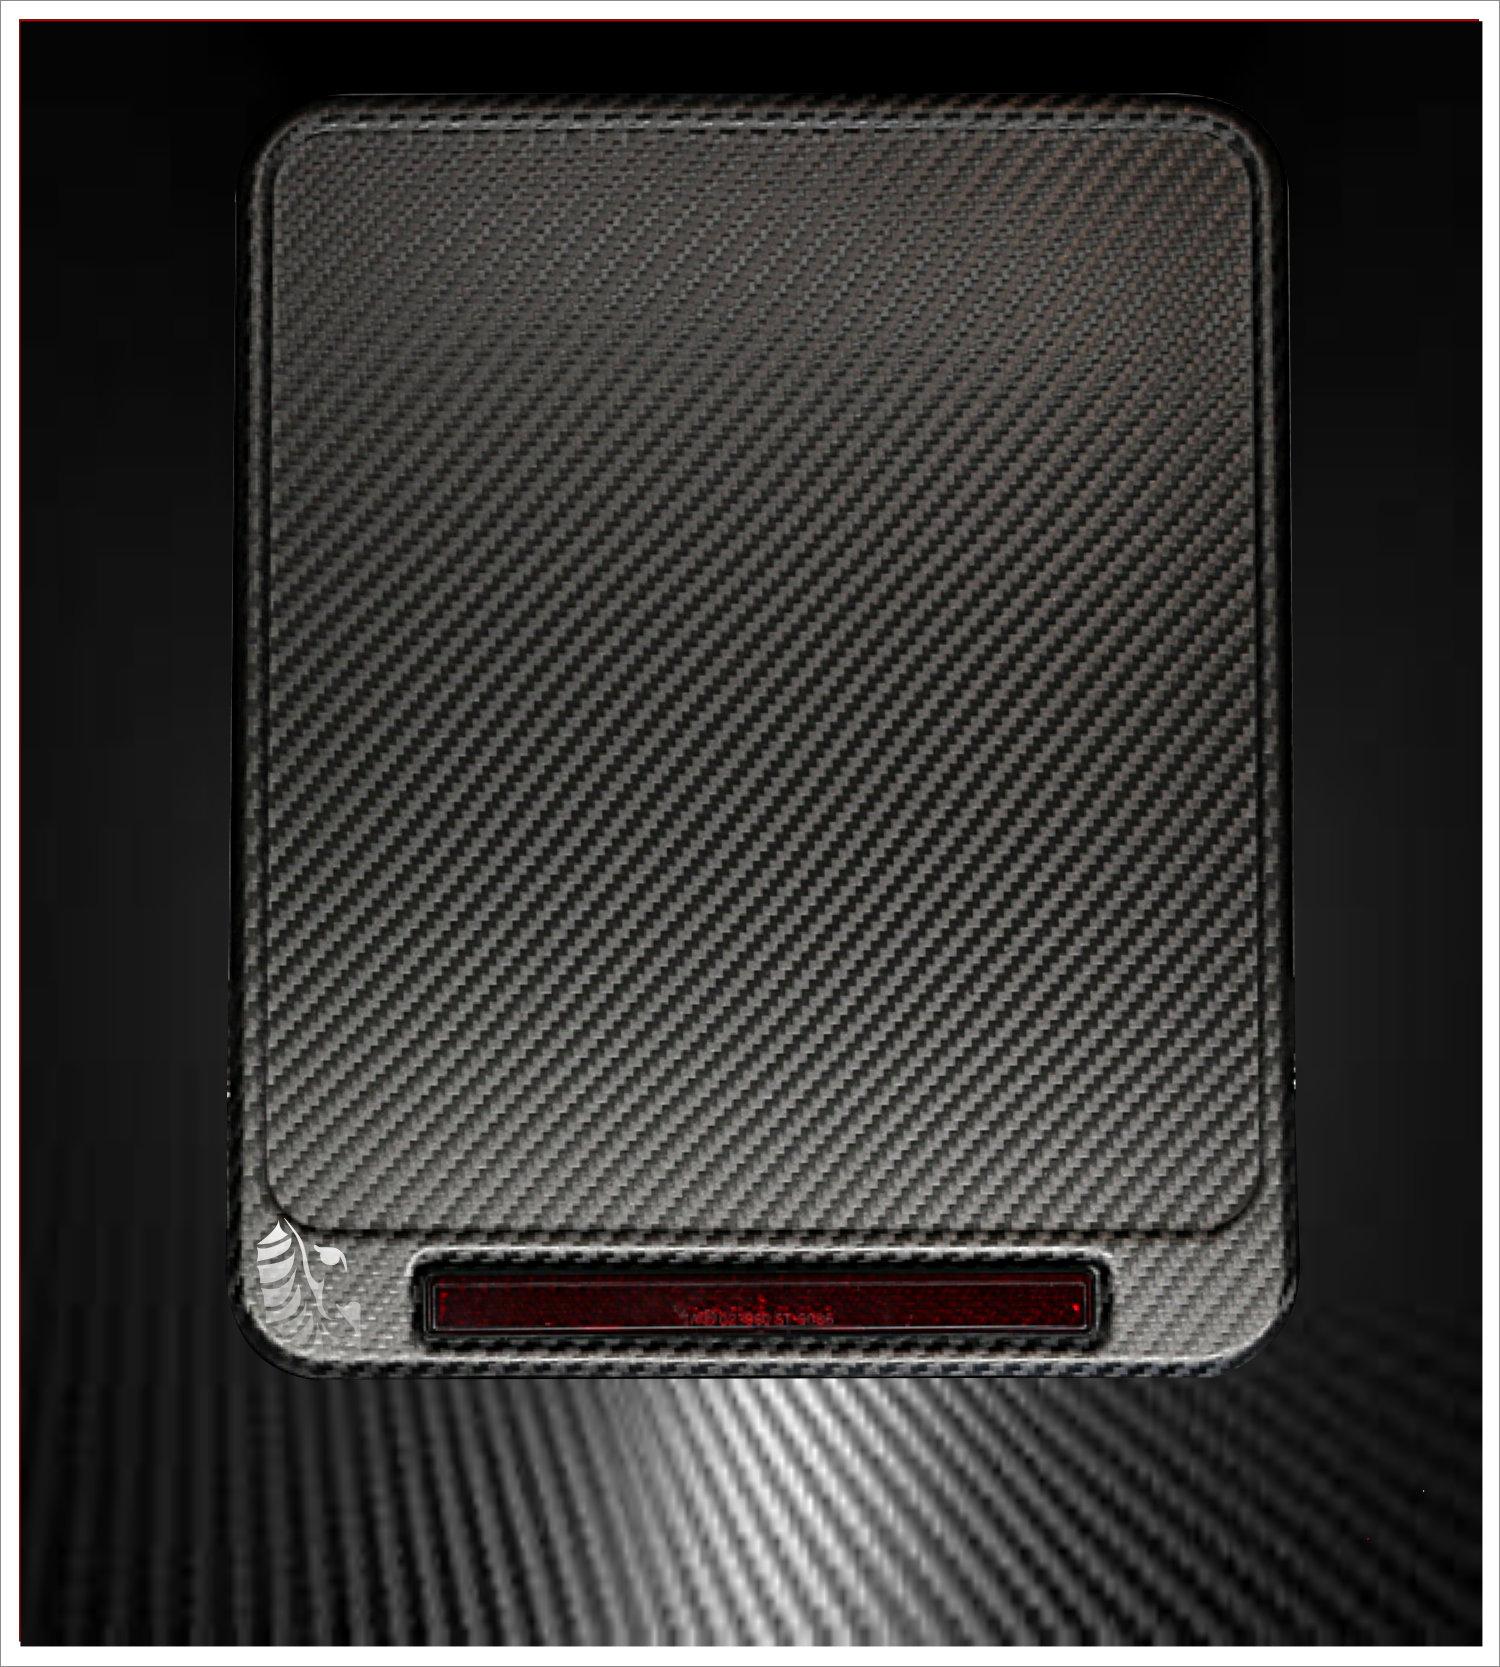 Motorrad Kennzeichenverstärker Carbon Stone Reflektor